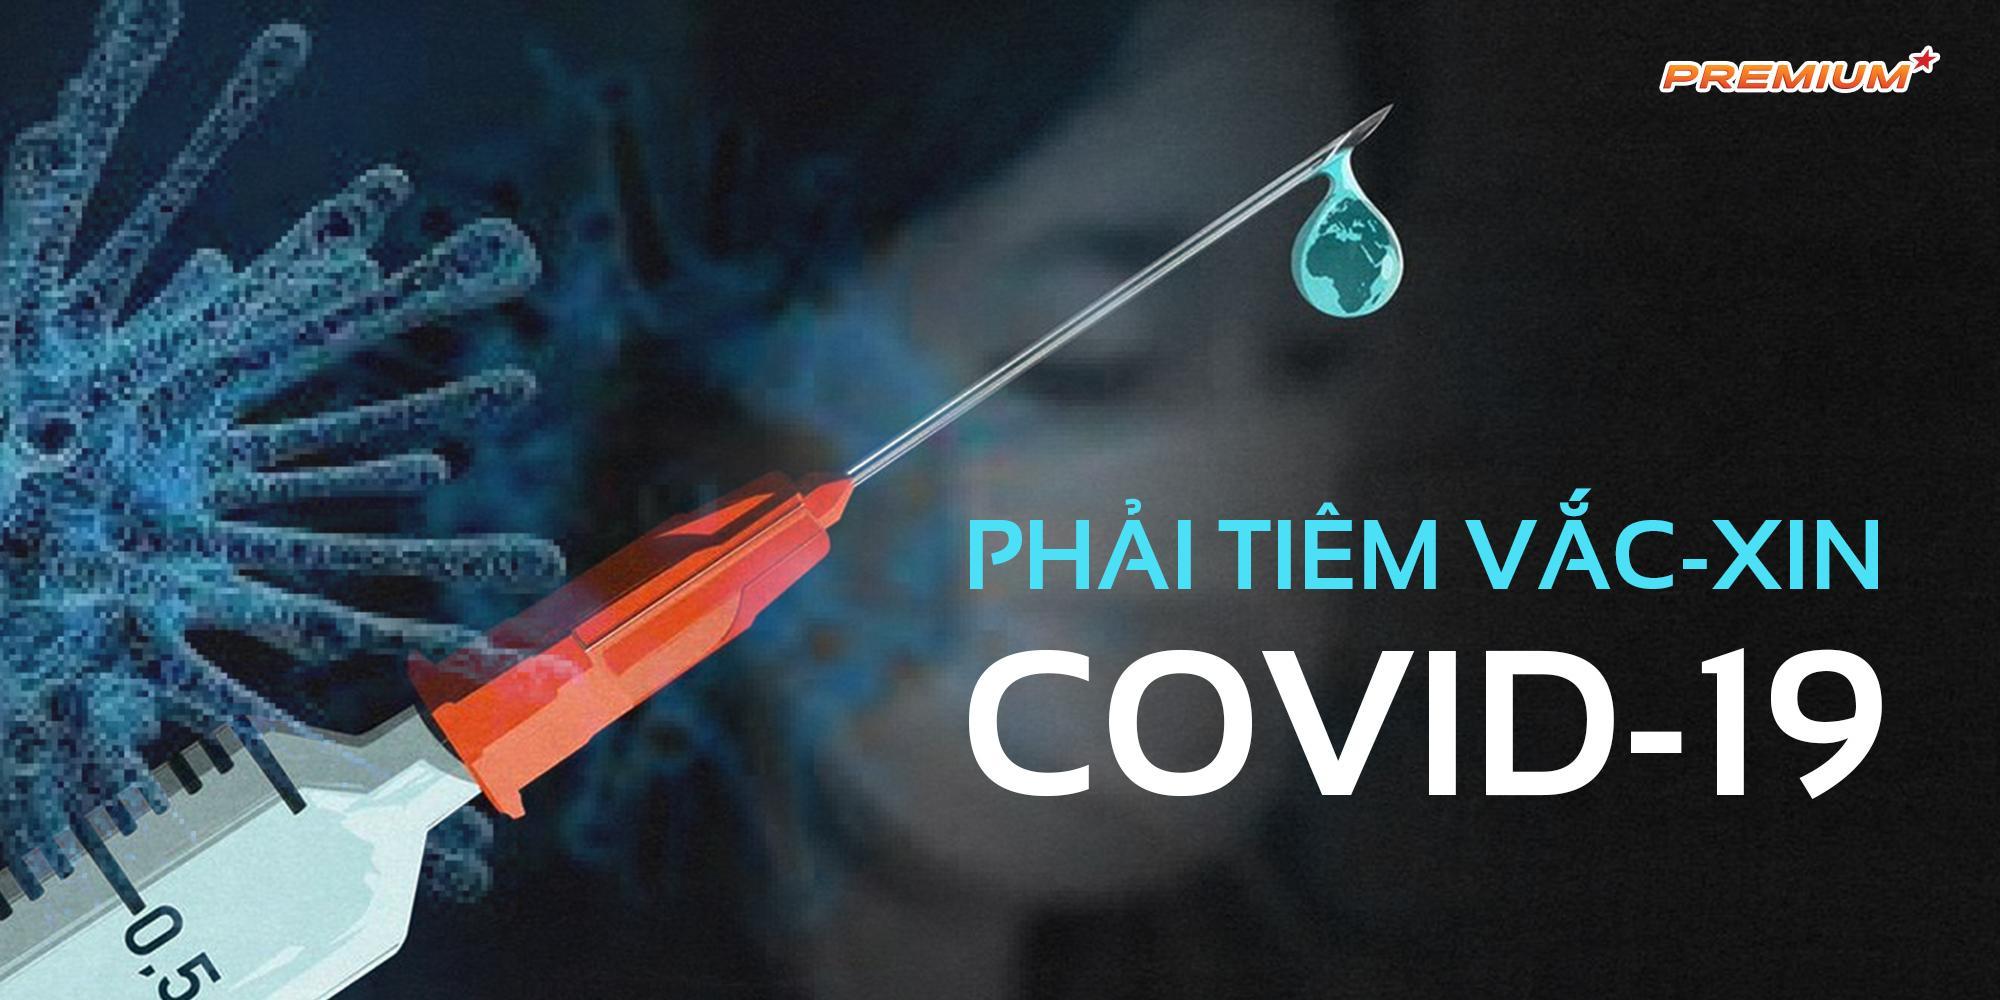 Phải tiêm vắc-xin Covid-19